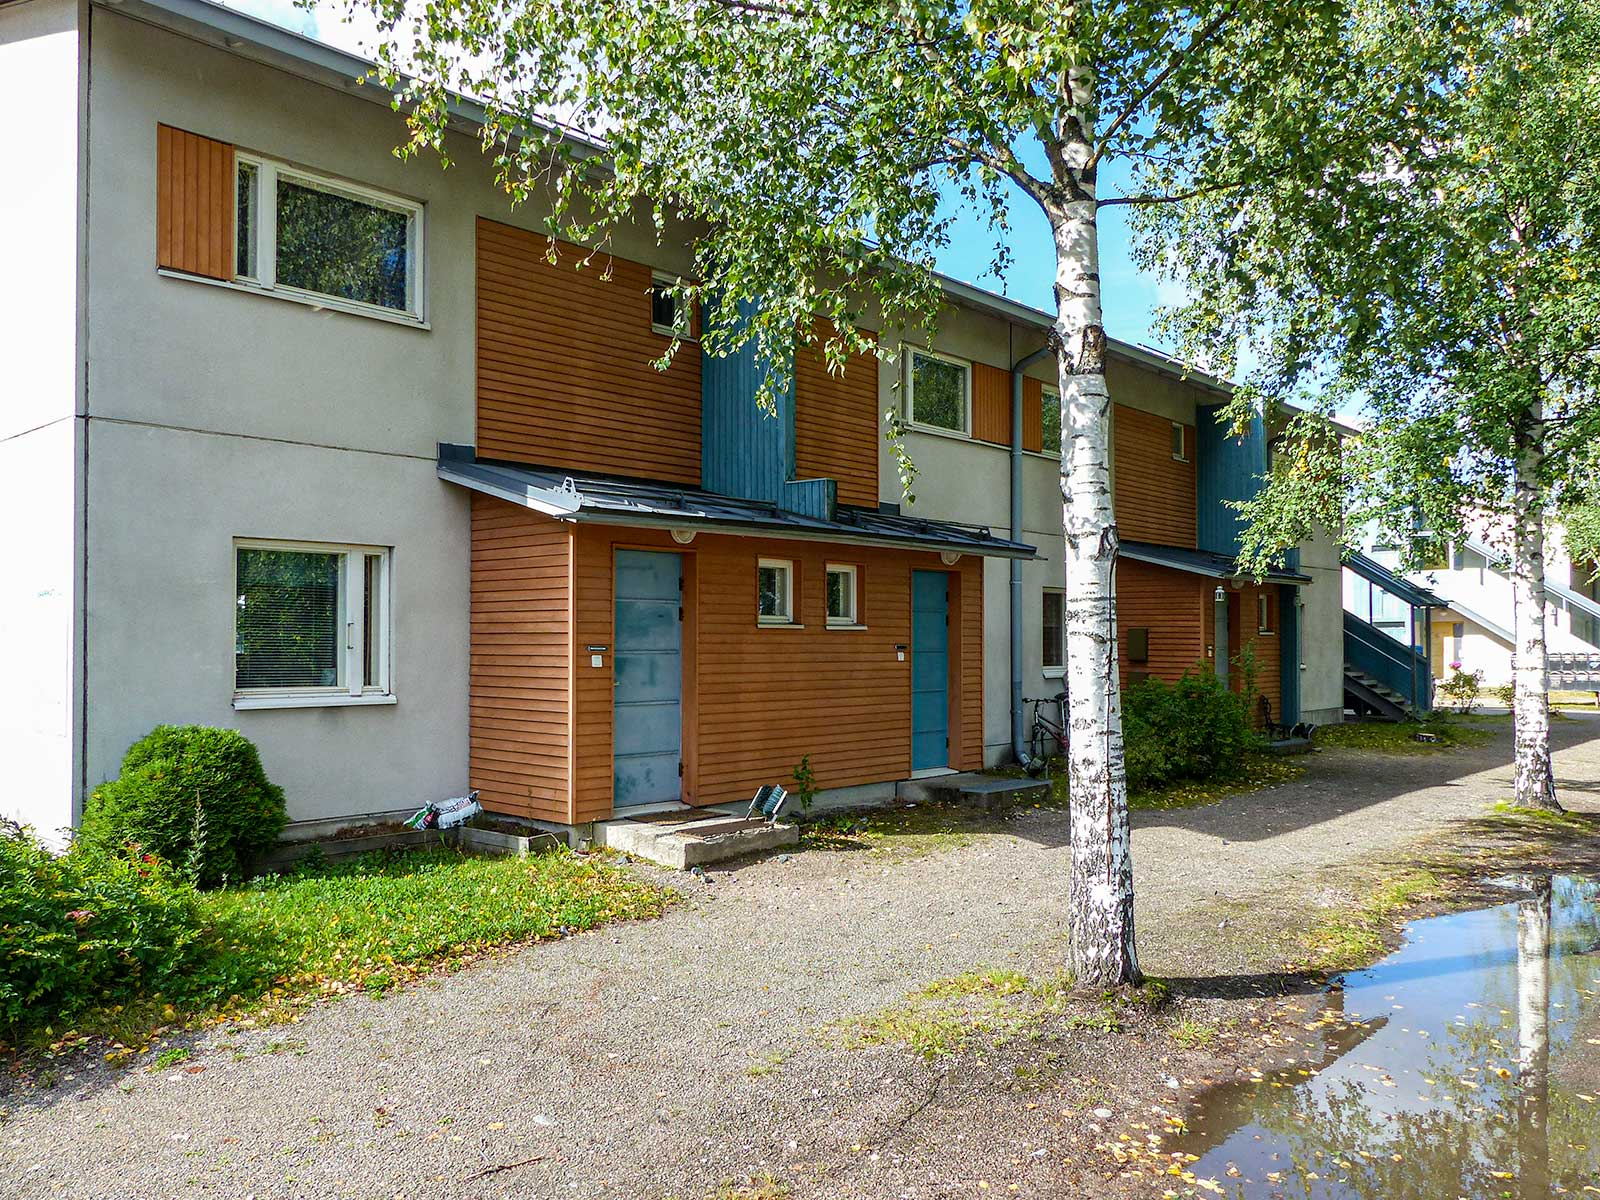 Saarikatu 14, Riihimäki